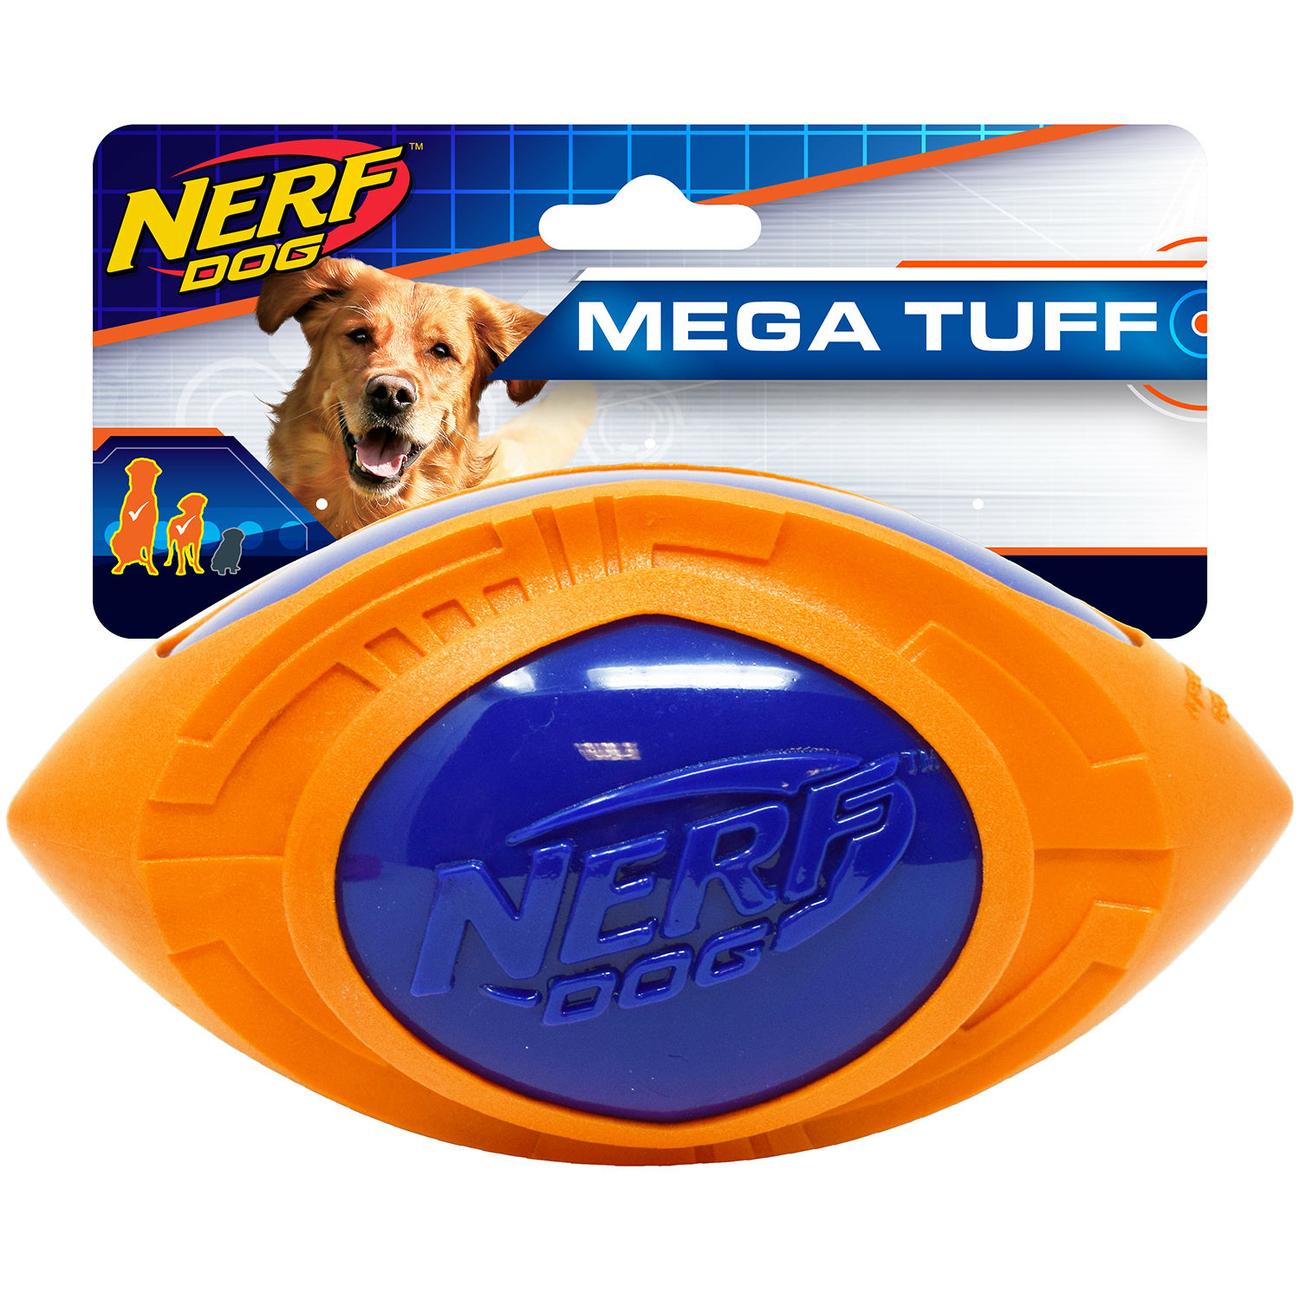 NERF Dog Megaton Football für Hunde, Bild 2